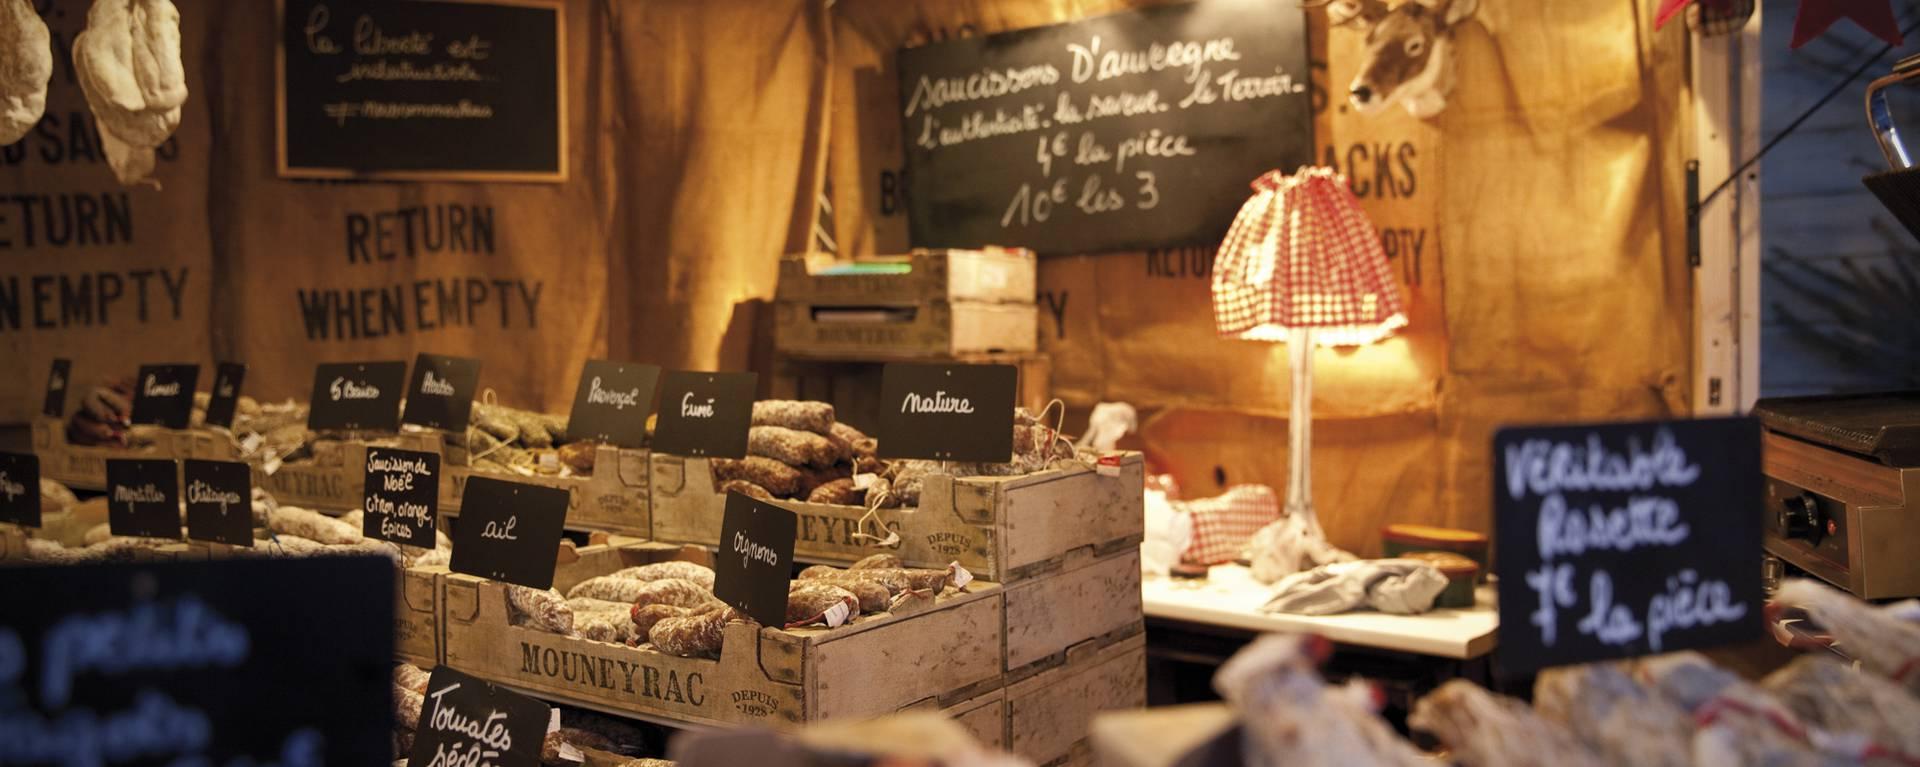 Des produits pour les fêtes © Brigitte Baudesson